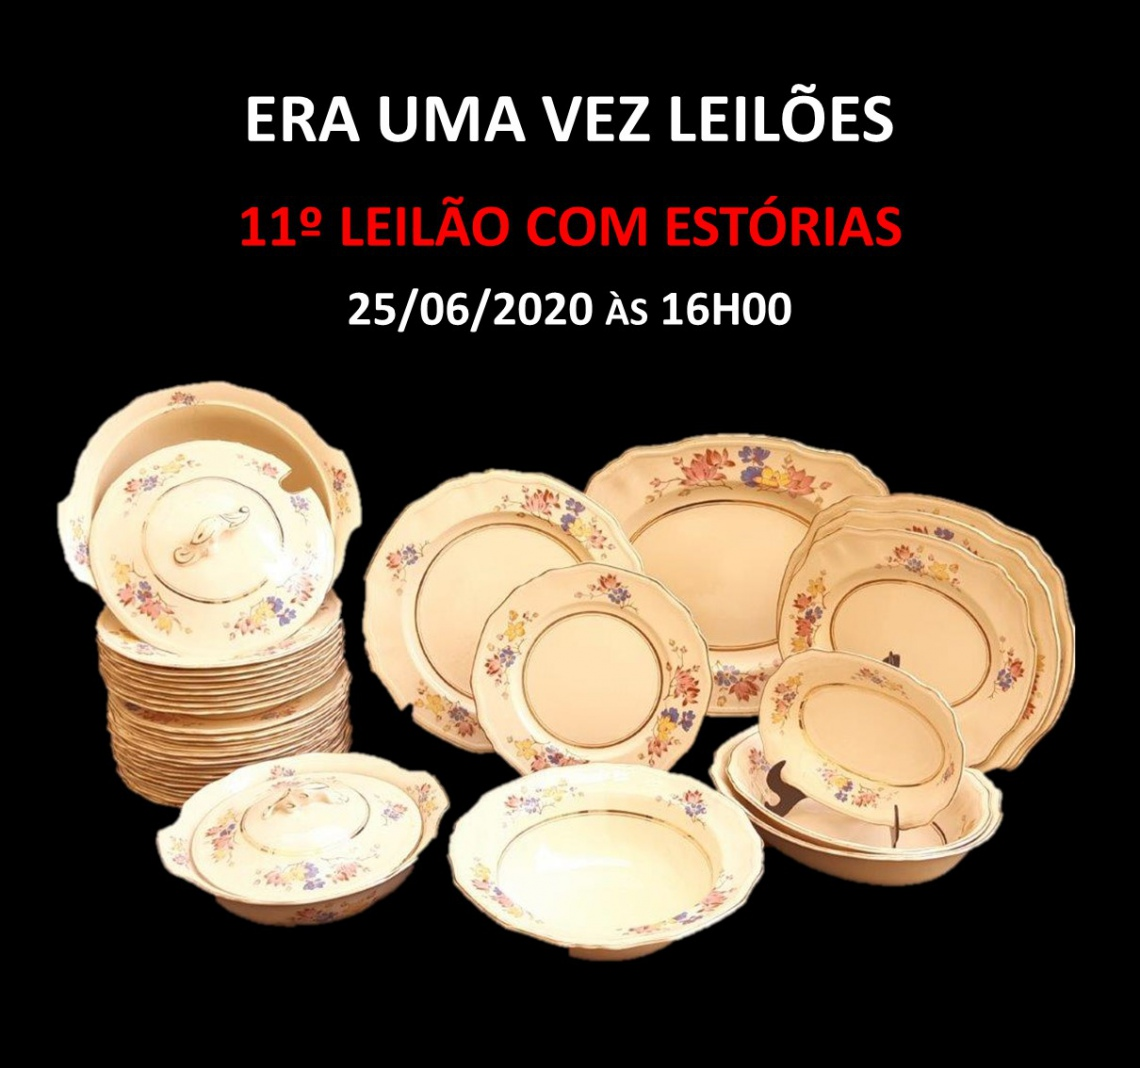 11º LEILÃO COM ESTÓRIAS - 25/06/2020 às 16h00